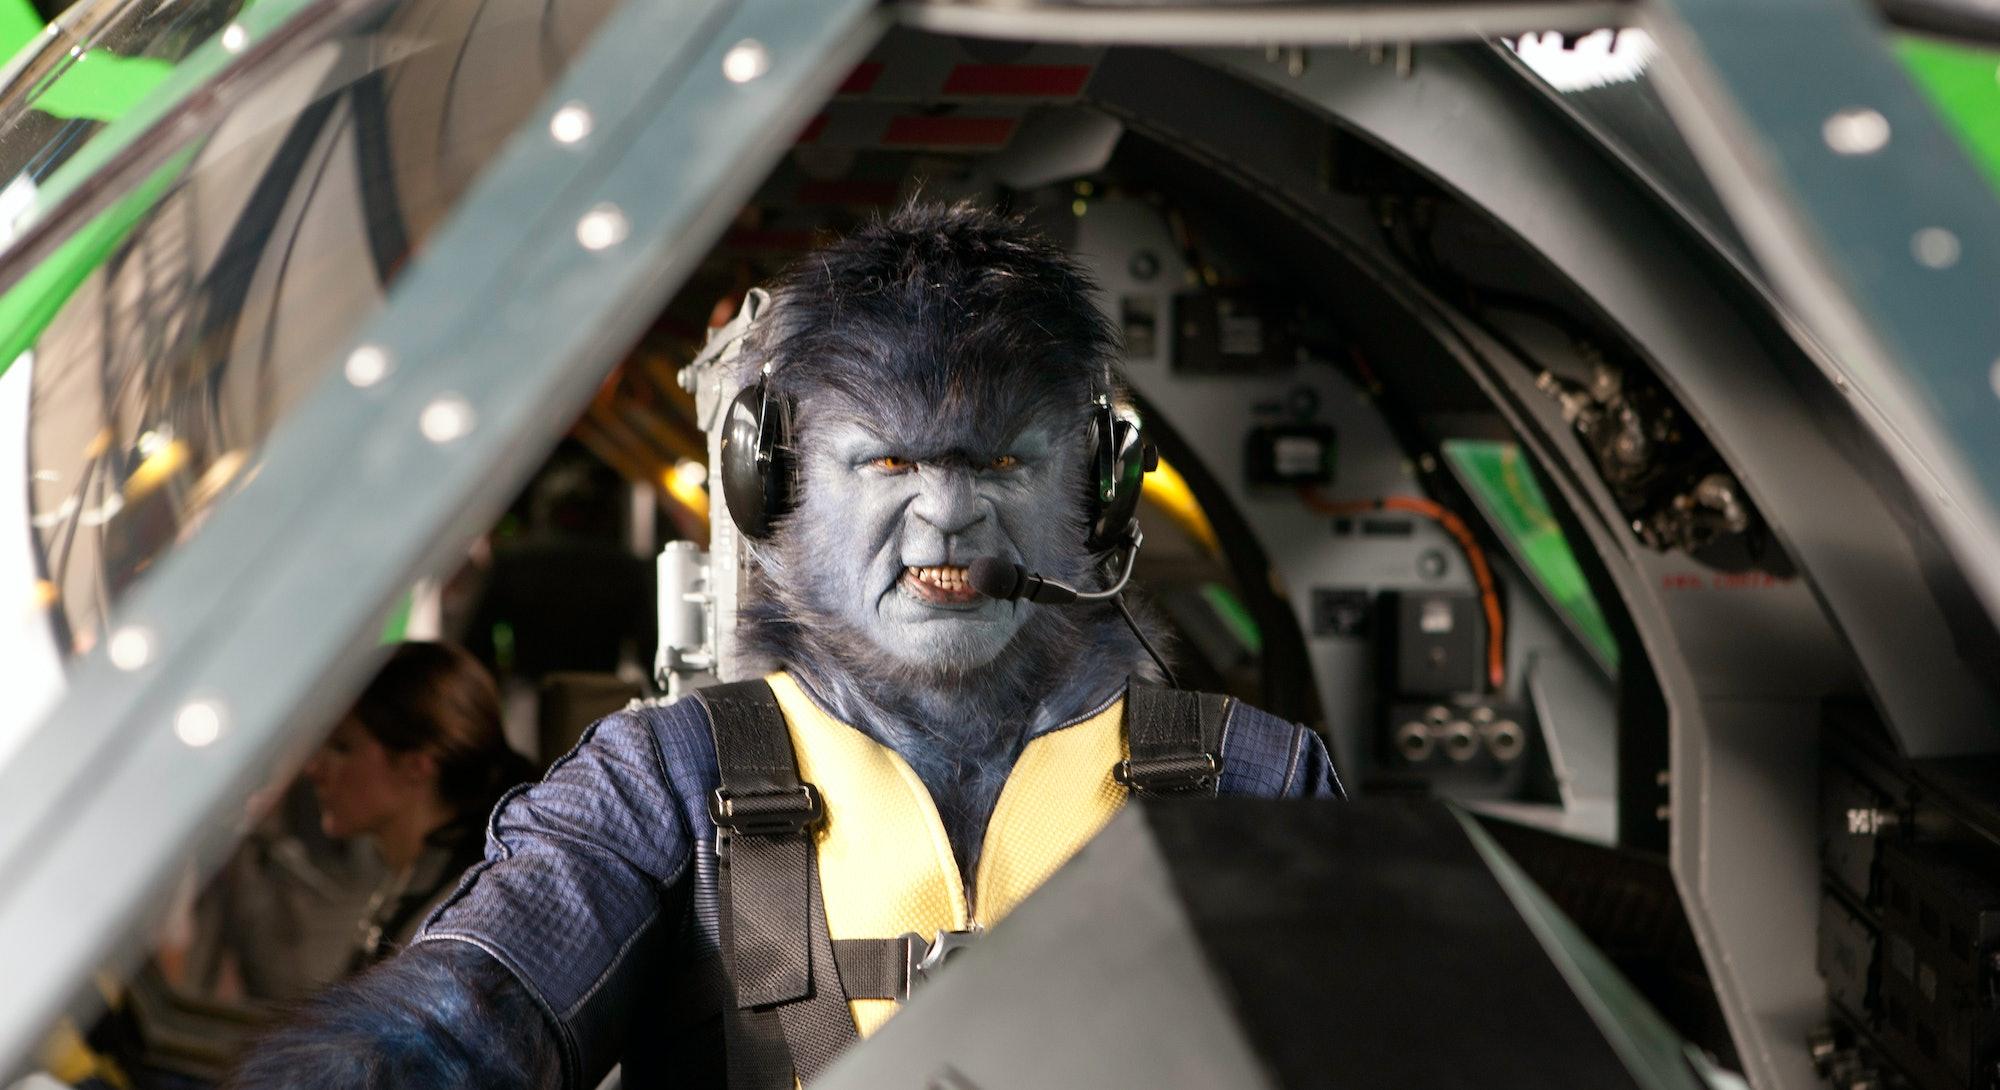 Nicholas Hoult as Hank McCoy, aka Beast.